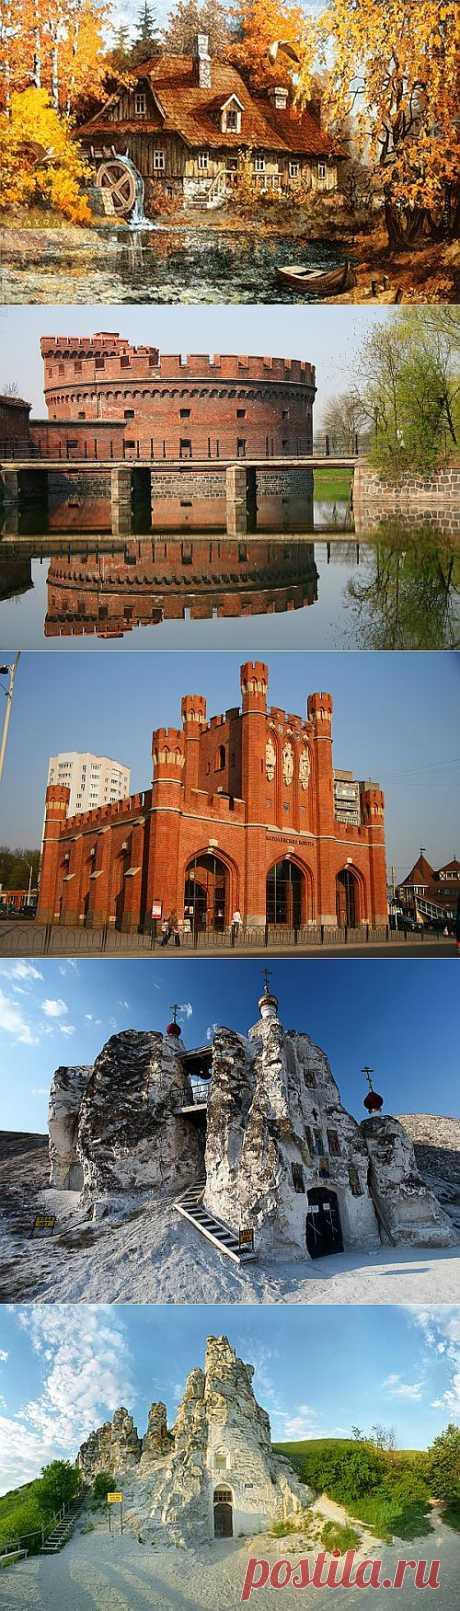 (+1) - Удивительные места России! | УДИВИТЕЛЬНОЕ